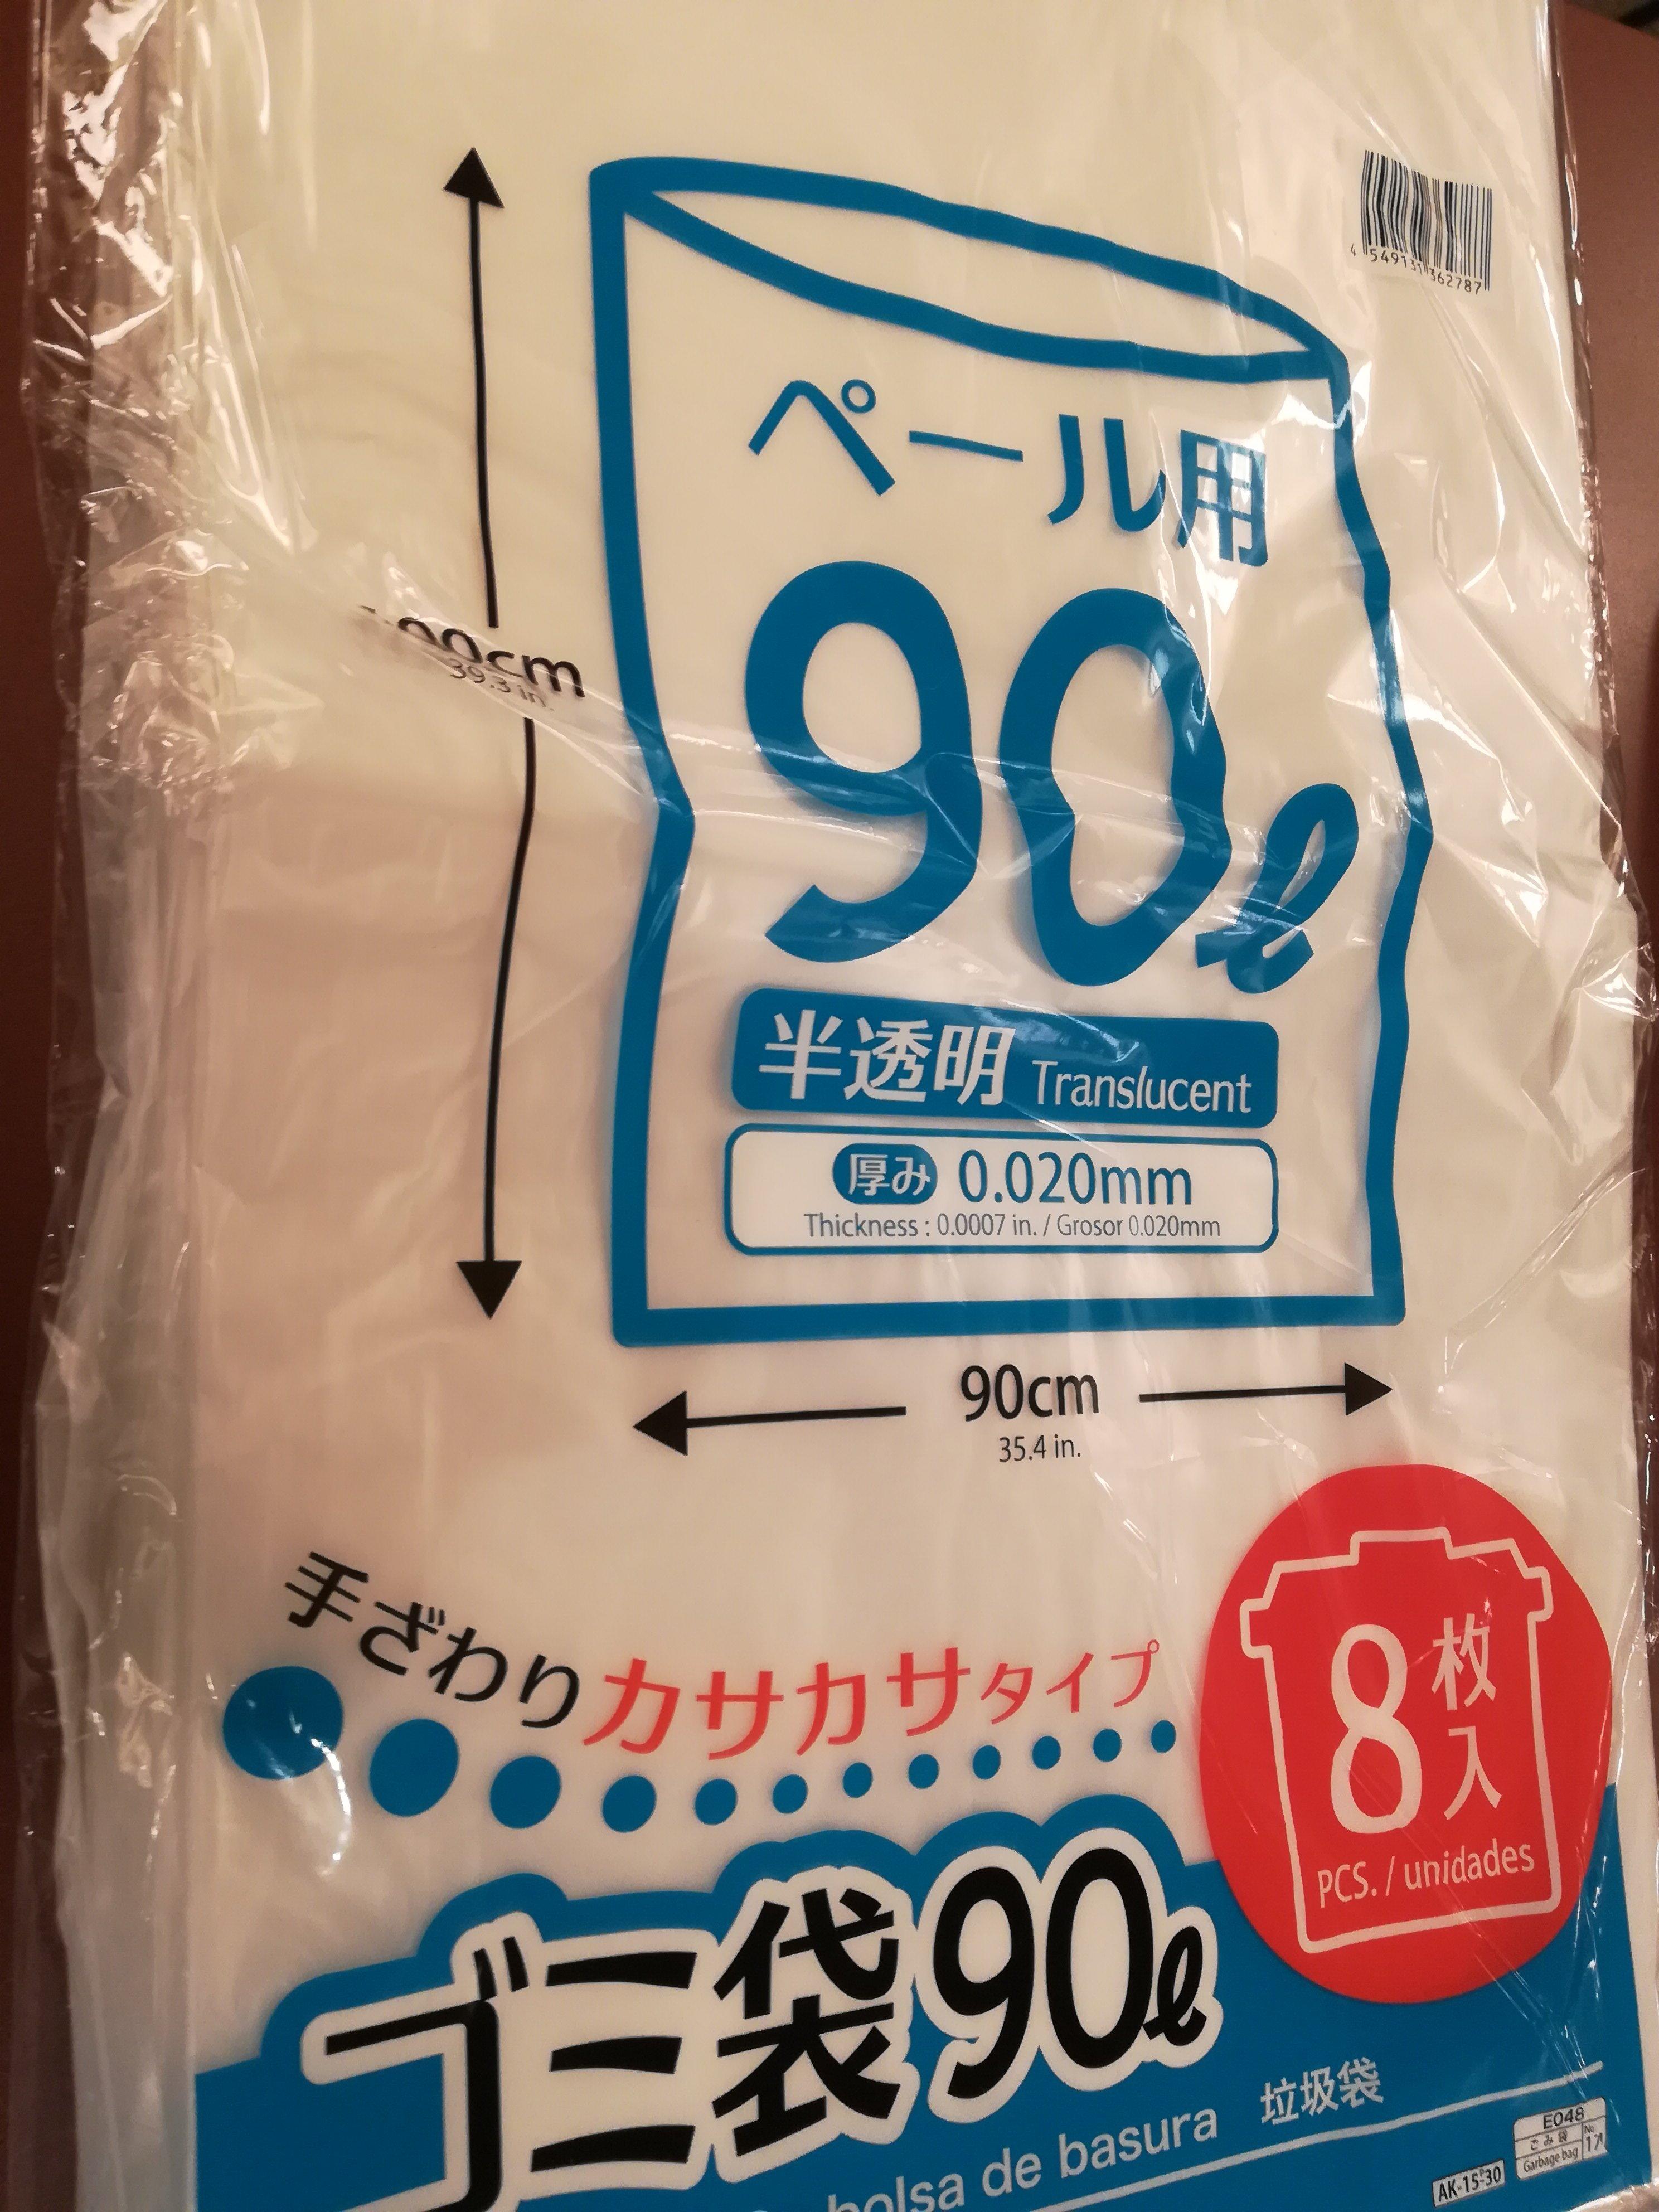 防水効果は100円均一のゴミ袋にはあるのか?